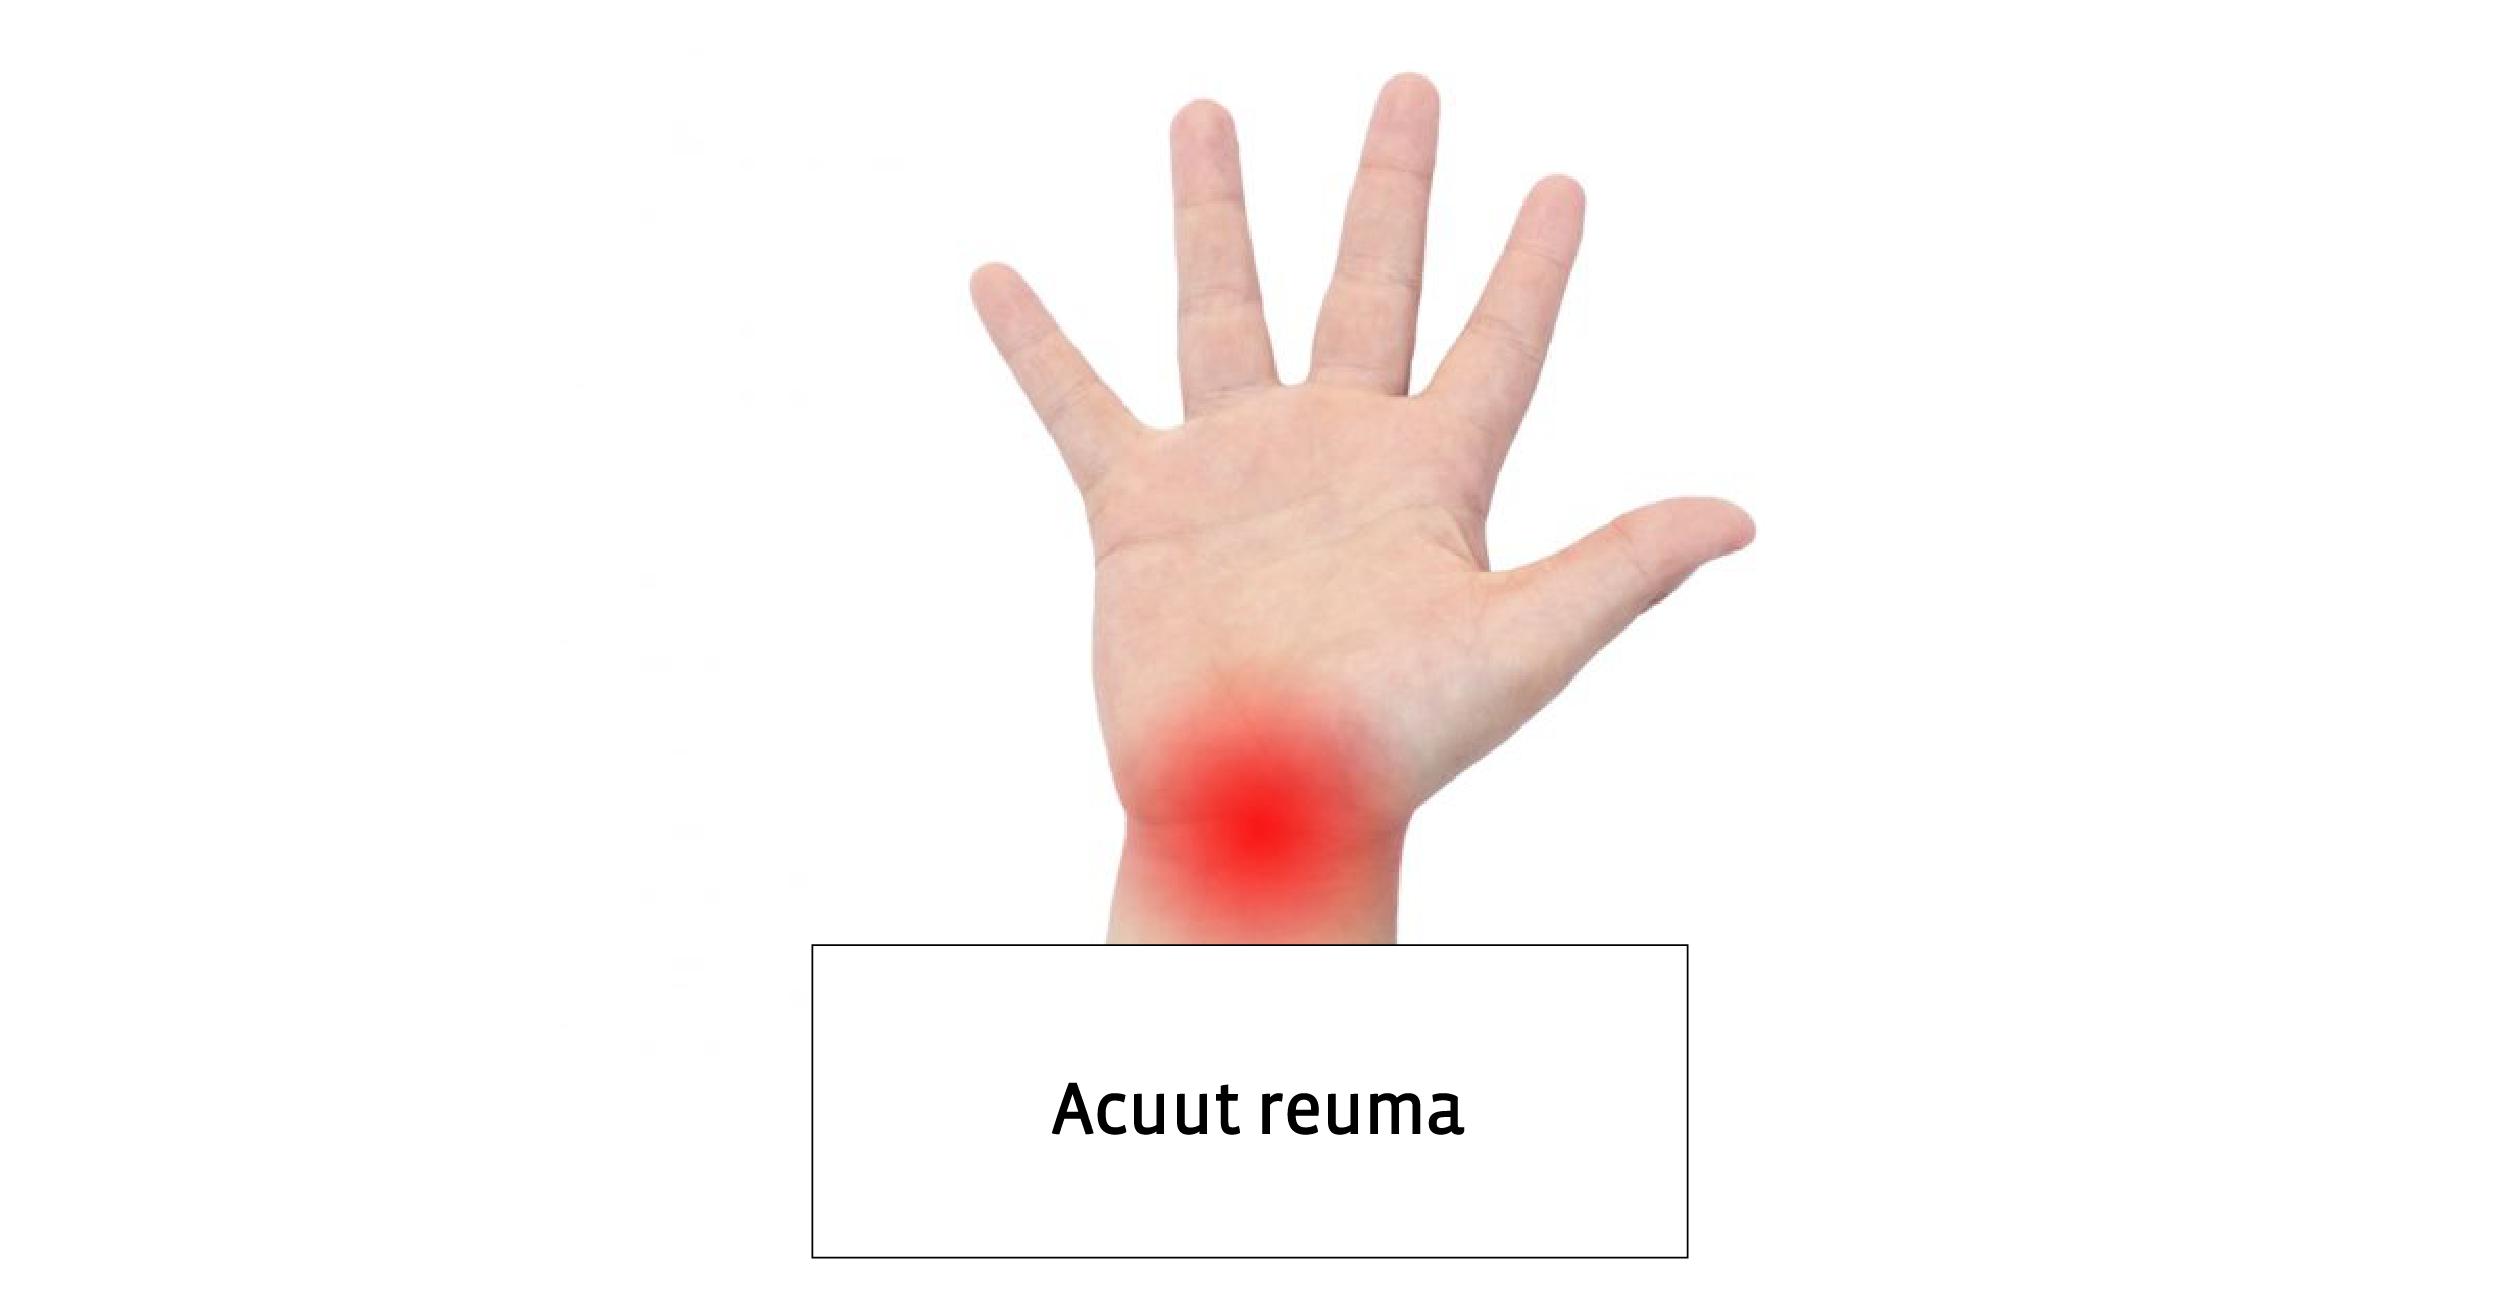 Acuut Reuma Artritis Kind Handen Symptomen Amp Behandeling